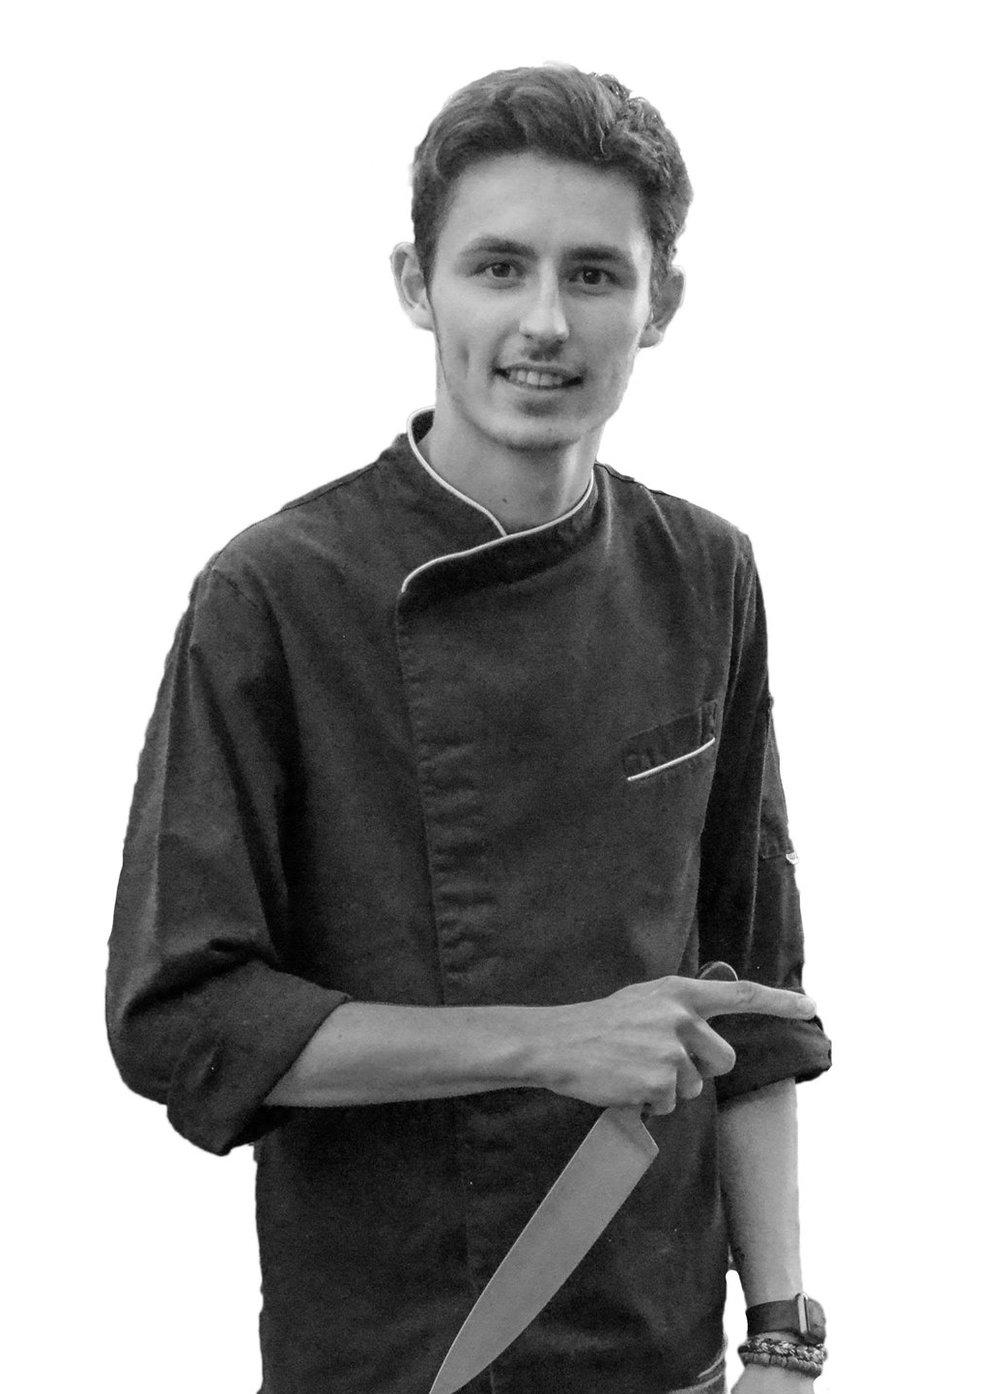 """Chef Simon                         Normal    0          21          false    false    false       EN-GB    JA    X-NONE                                                                                                                                                                                                                                                                                                                                                                                                                                                                                                                           /* Style Definitions */ table.MsoNormalTable {mso-style-name:""""Tableau Normal""""; mso-tstyle-rowband-size:0; mso-tstyle-colband-size:0; mso-style-noshow:yes; mso-style-priority:99; mso-style-parent:""""""""; mso-padding-alt:0cm 5.4pt 0cm 5.4pt; mso-para-margin:0cm; mso-para-margin-bottom:.0001pt; mso-pagination:widow-orphan; font-size:12.0pt; font-family:Cambria; mso-ascii-font-family:Cambria; mso-ascii-theme-font:minor-latin; mso-hansi-font-family:Cambria; mso-hansi-theme-font:minor-latin; mso-ansi-language:EN-GB;}       Simon, 21 ans, est second de cuisine au restaurant le Coriandre. Diplômé de l'école hôtelière de Namur, il affectionne la cuisine simple, élégante et raffinée. Il aime utiliser des produits de saison et travailler avec des producteurs locaux."""